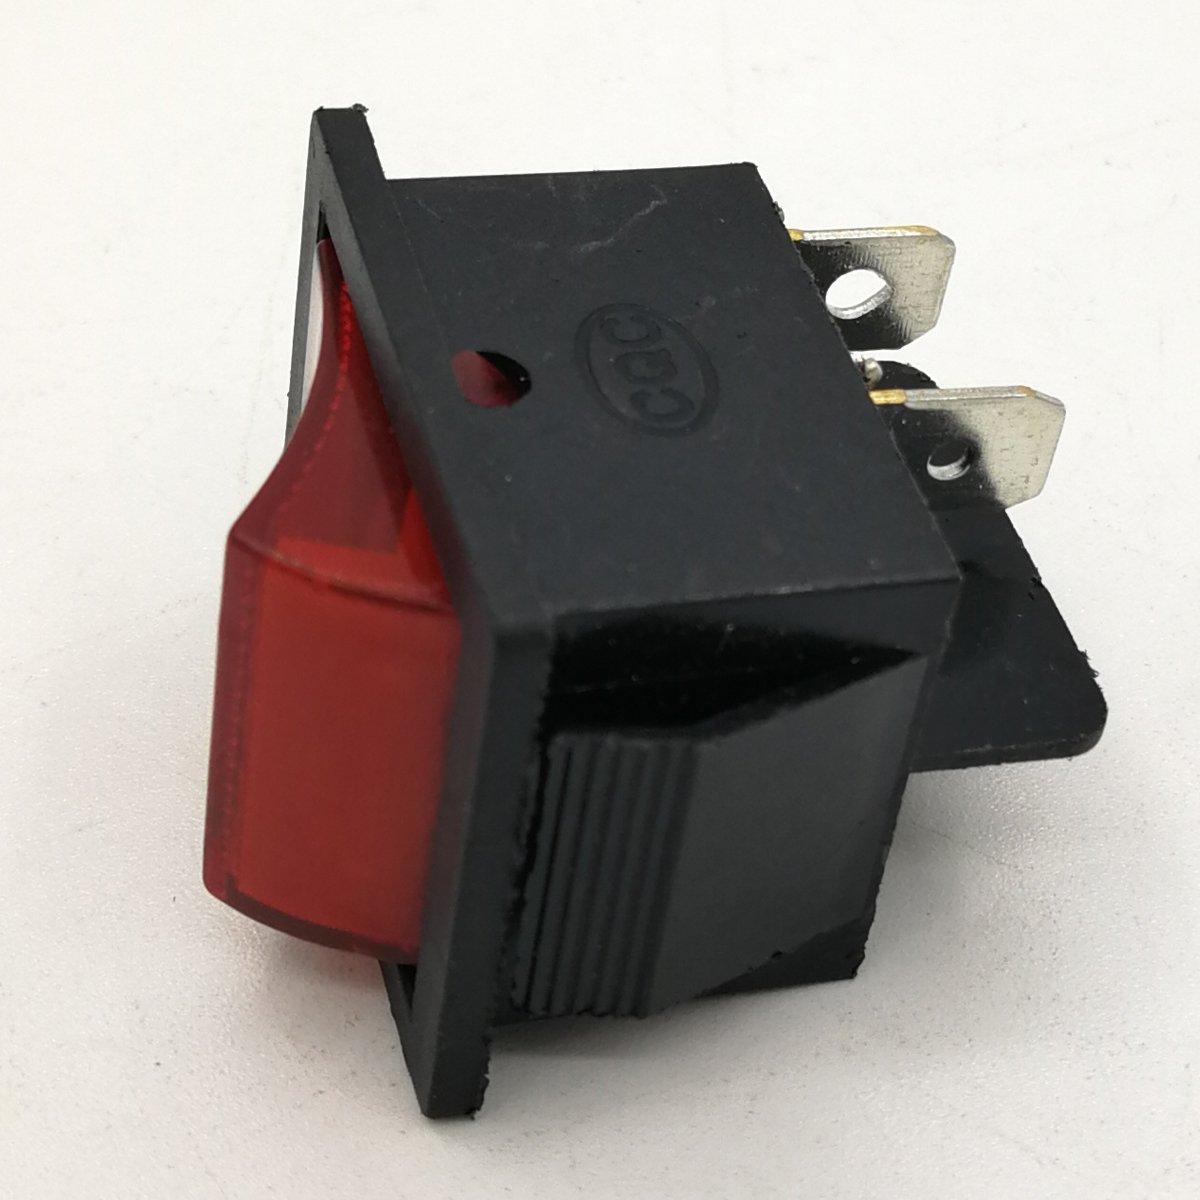 Cancanle Interruptor Universal de Encendido//Apagado para Motor generador de Gasolina GX340 GX390 GX420 GX440 5~8KW